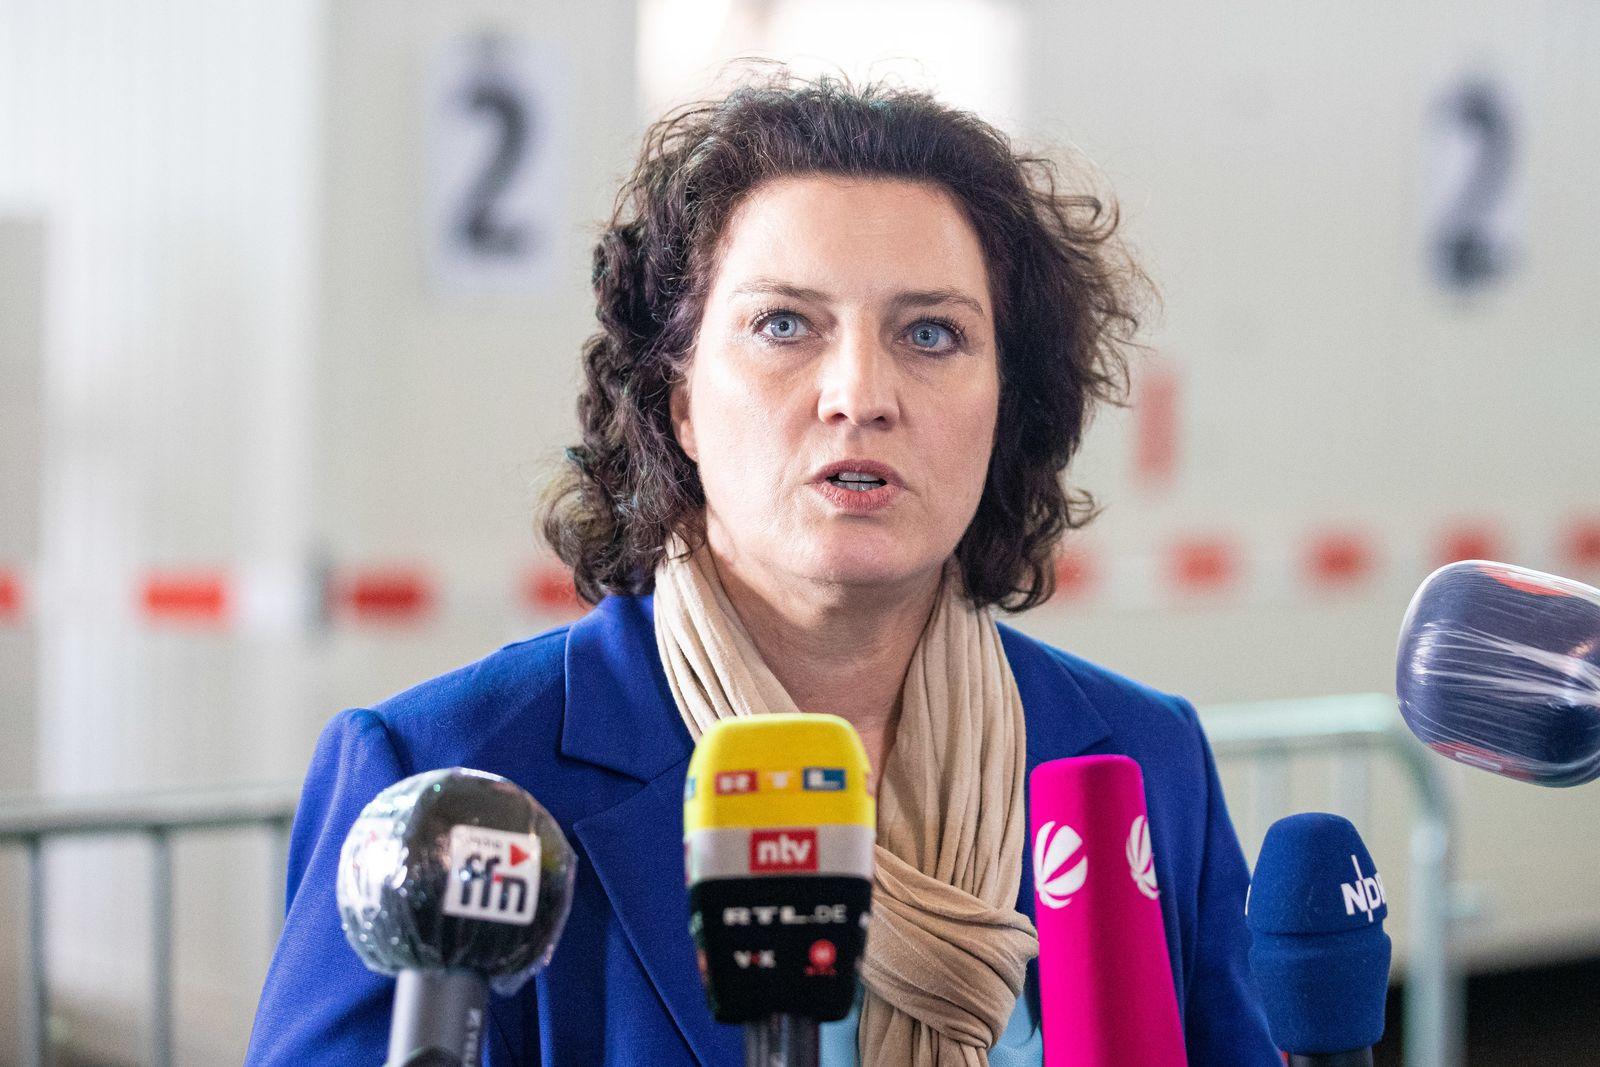 Corona-Testzentrum am Flughafen Hannover